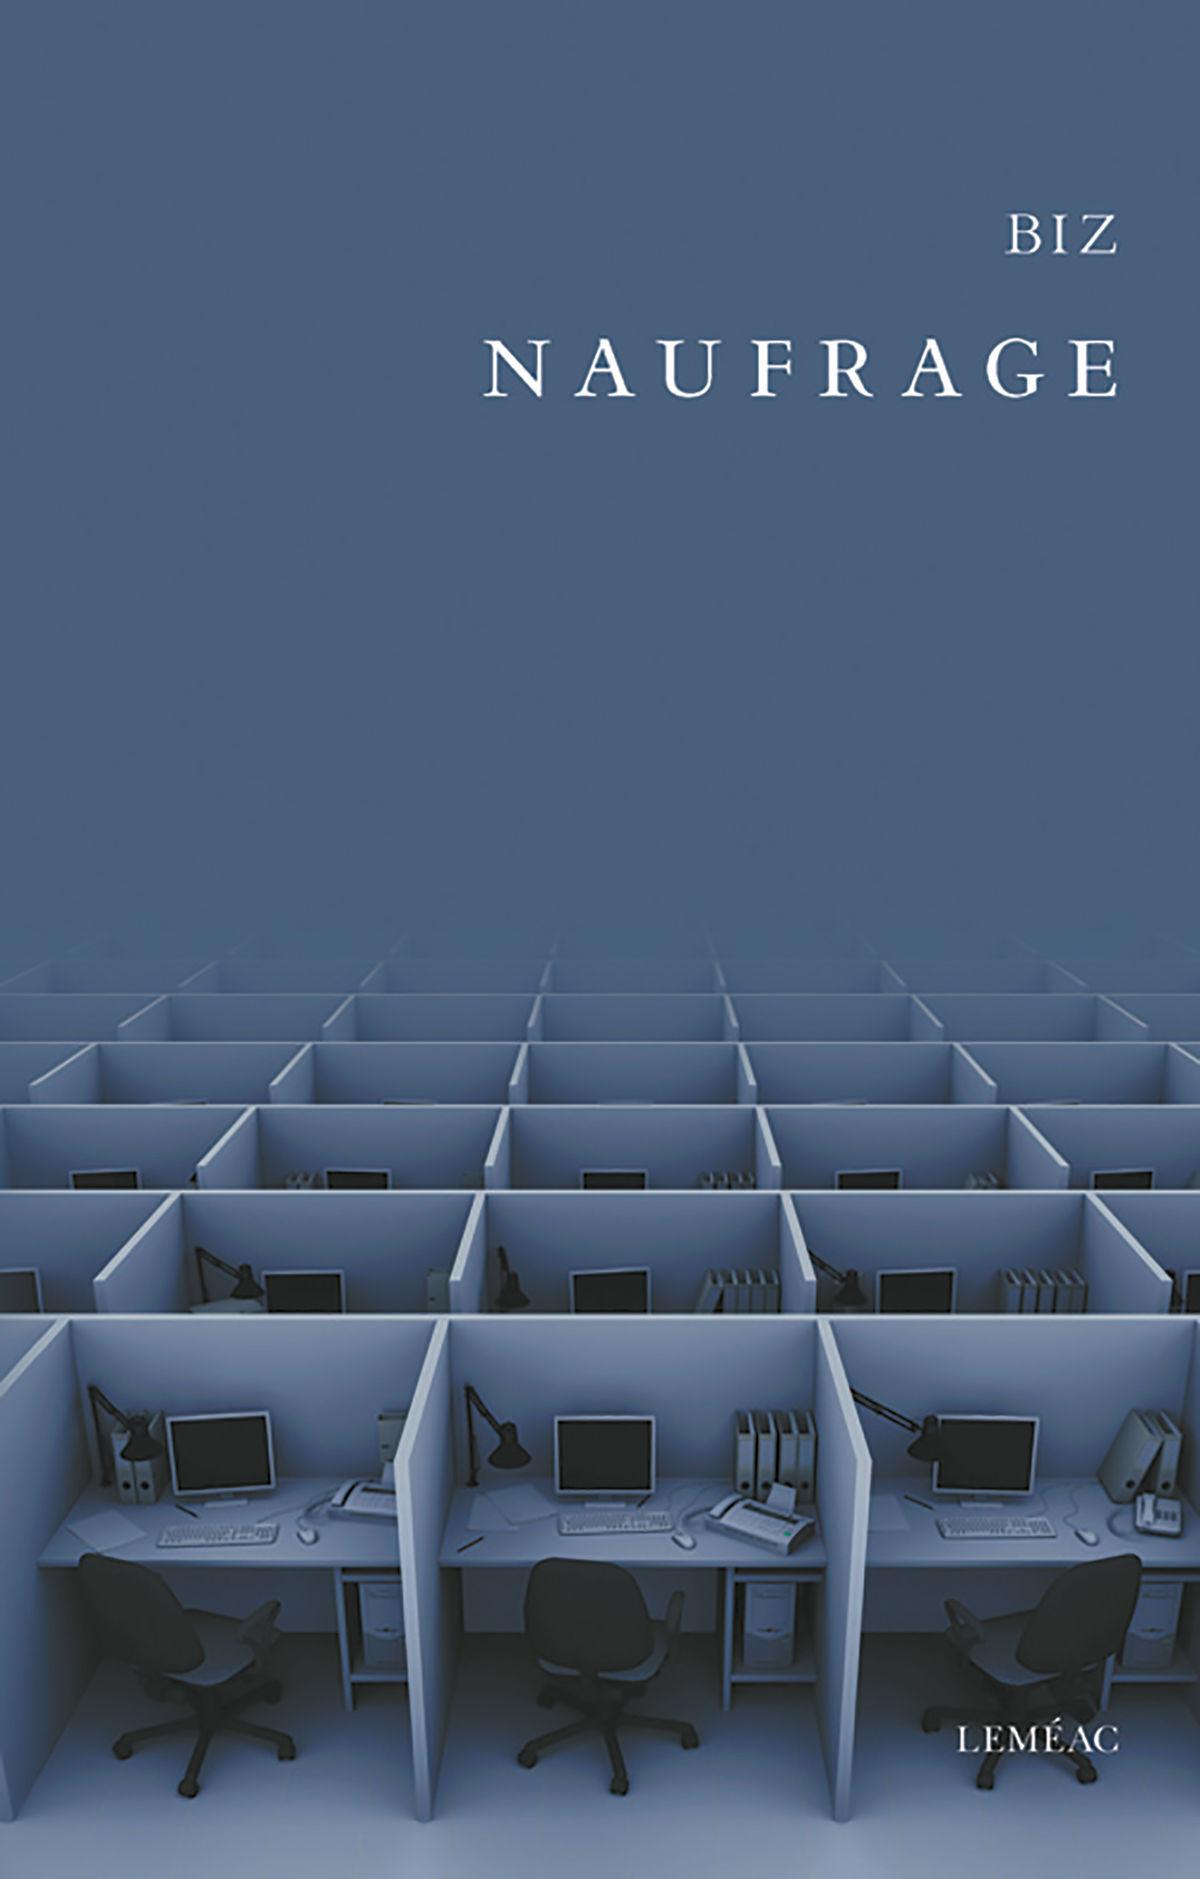 naufrage, biz, roman, lecture, auteur loco locass